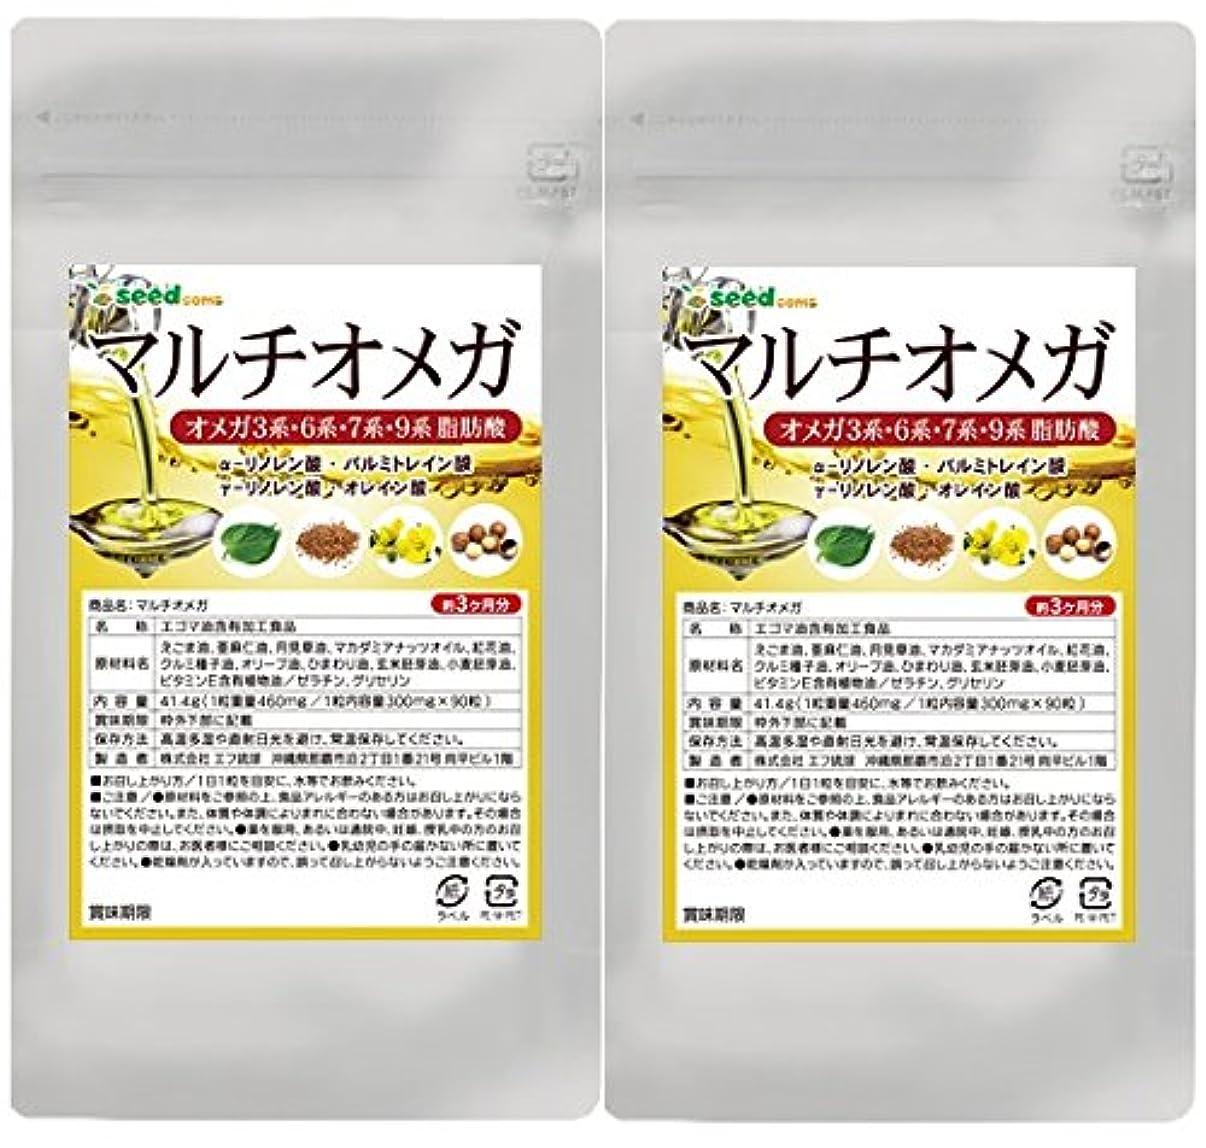 またねチップ反抗【 seedcoms シードコムス 公式 】マルチオメガ(約6ヶ月分/180粒) えごま油 亜麻仁油 など 4種のオメガオイル